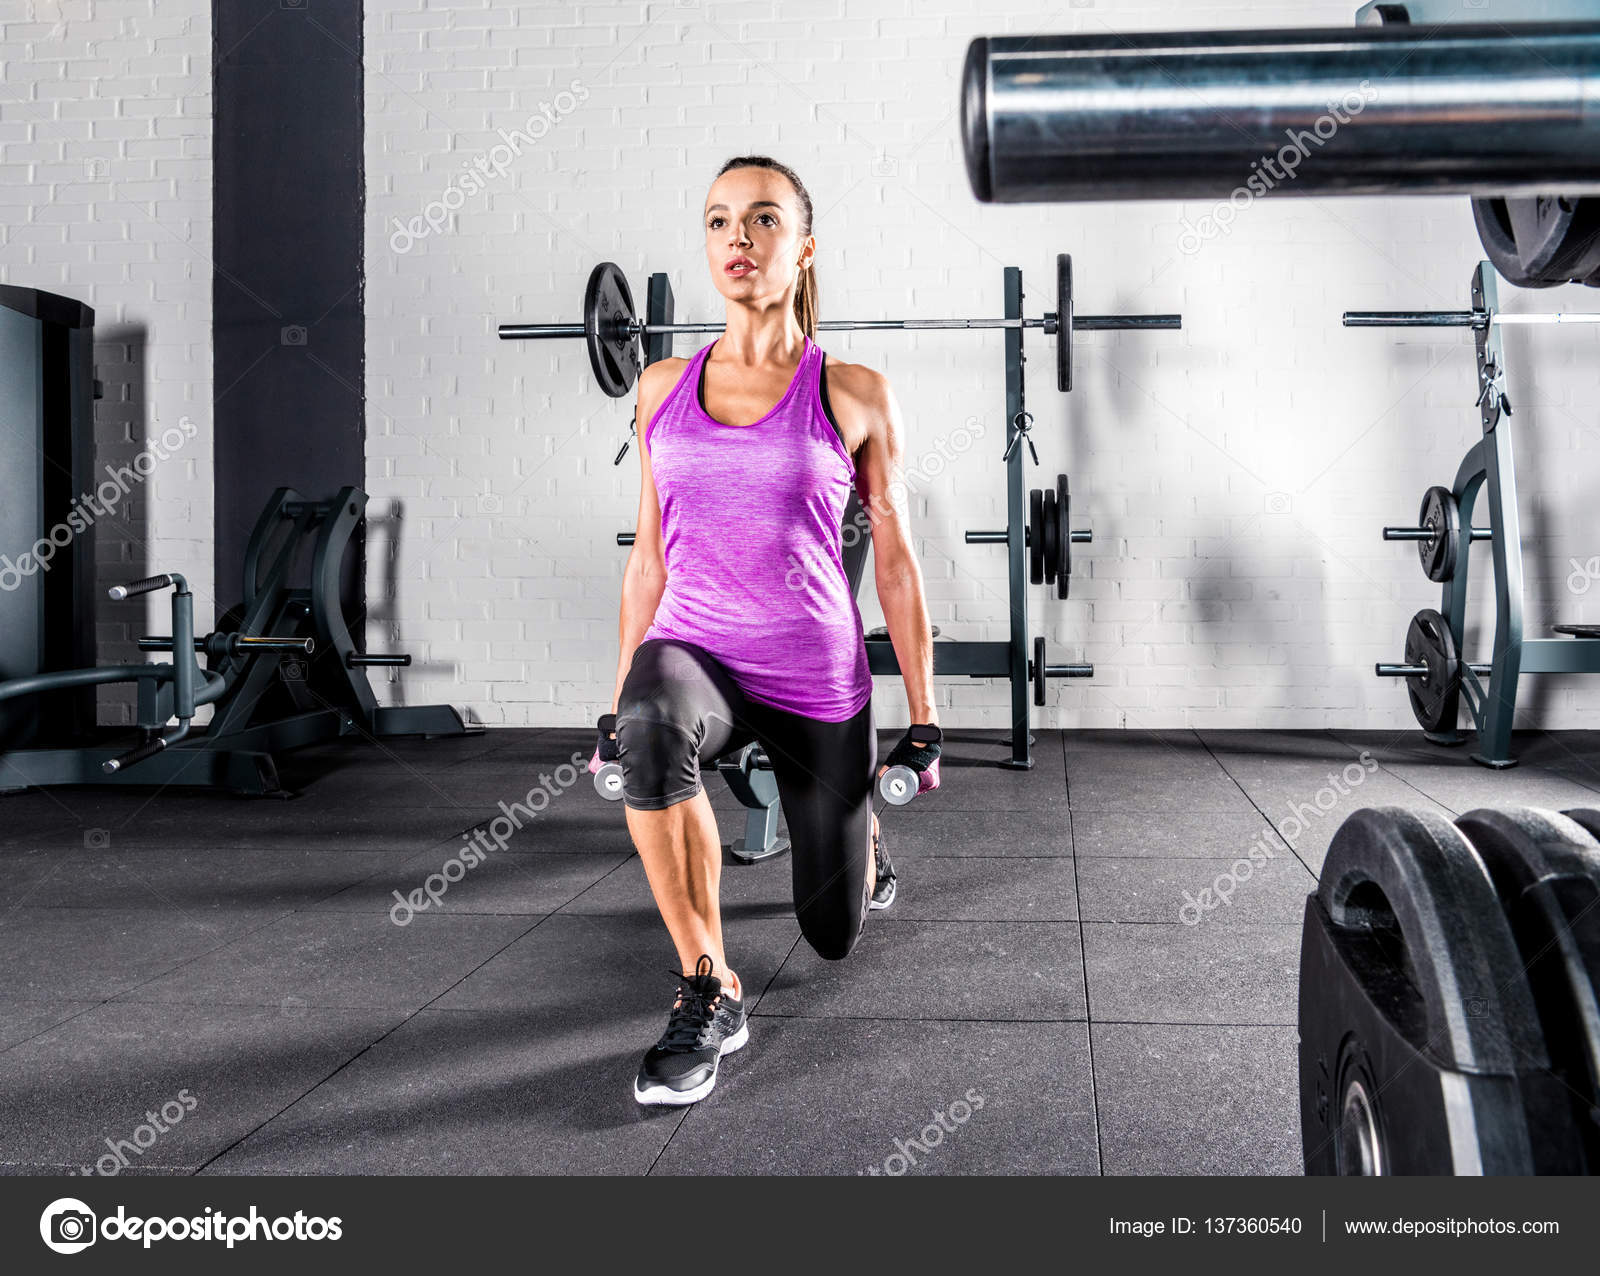 фото полуобнаженные спортсменки тренируются